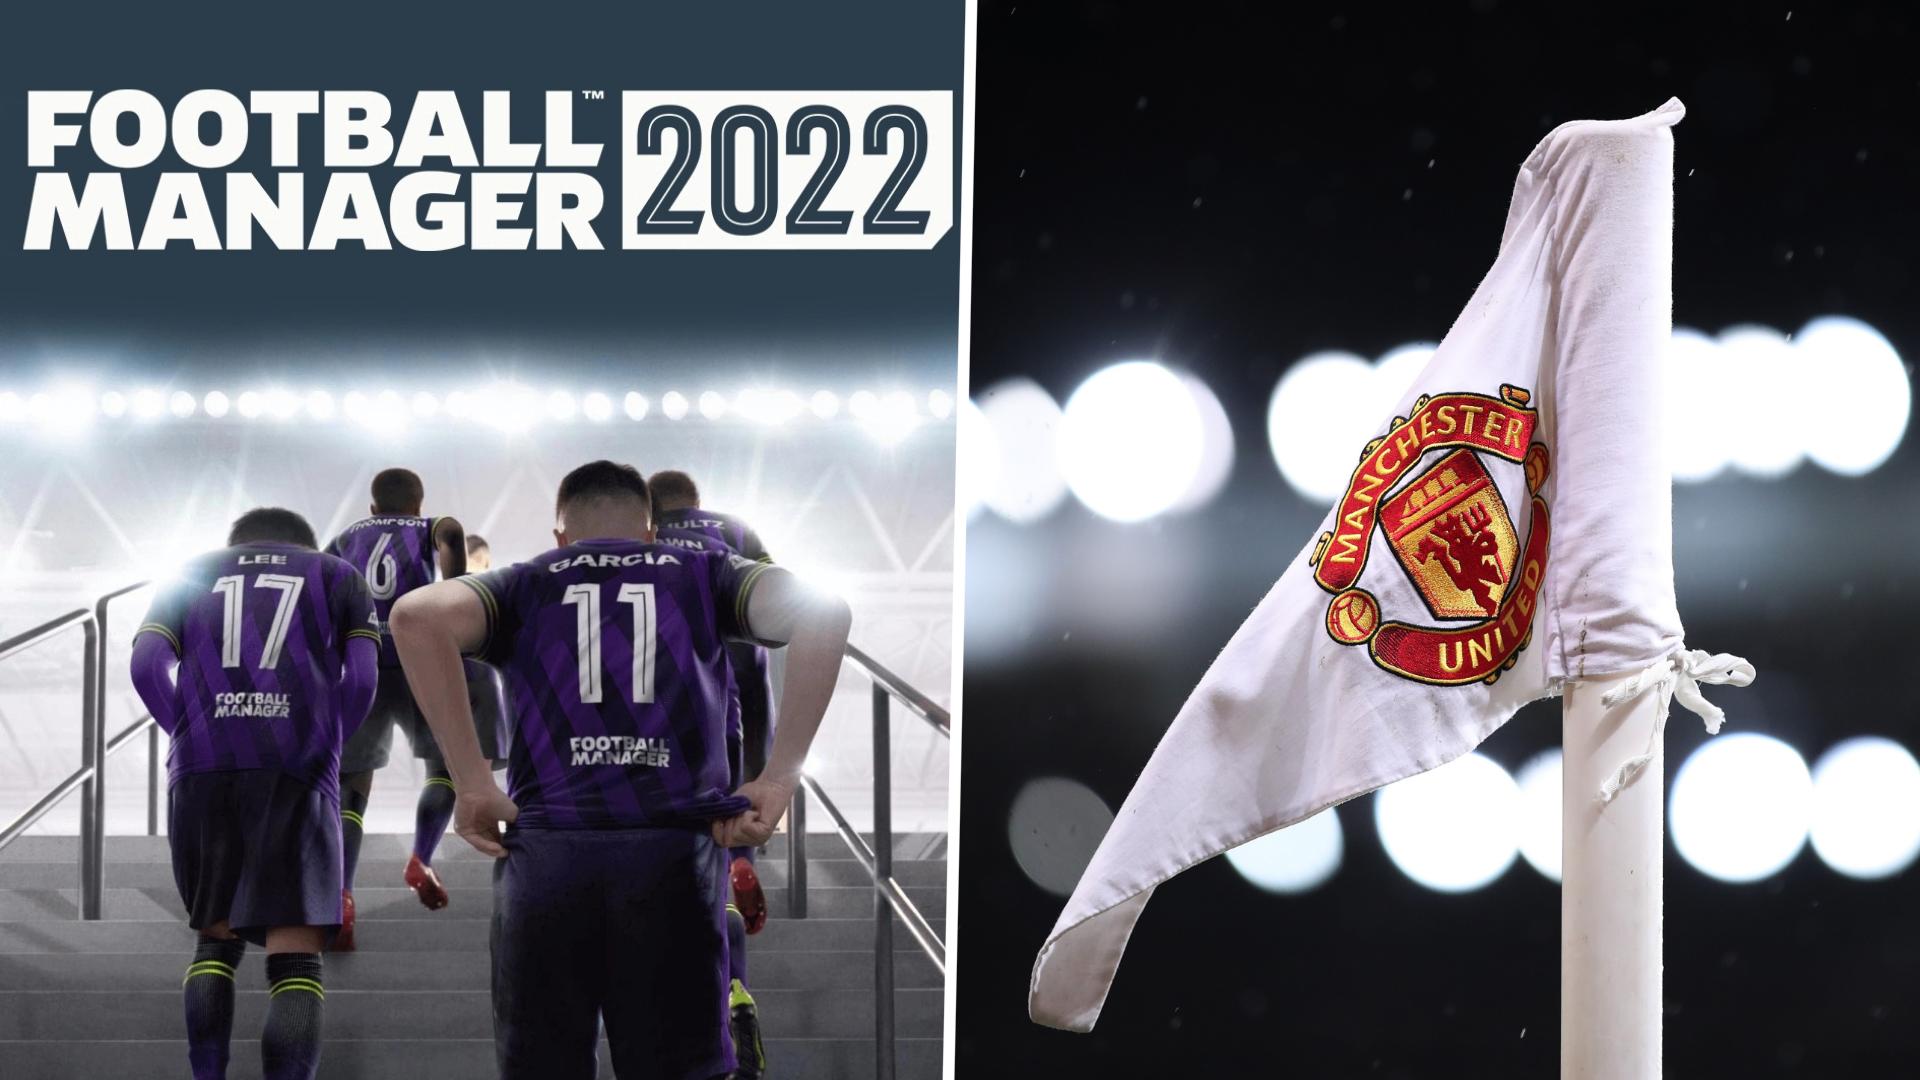 เจ้าของทีมไม่ยอม! FM22 เลิกใช้ชื่อ 'แมนเชสเตอร์ ยูไนเต็ด' | Goal.com